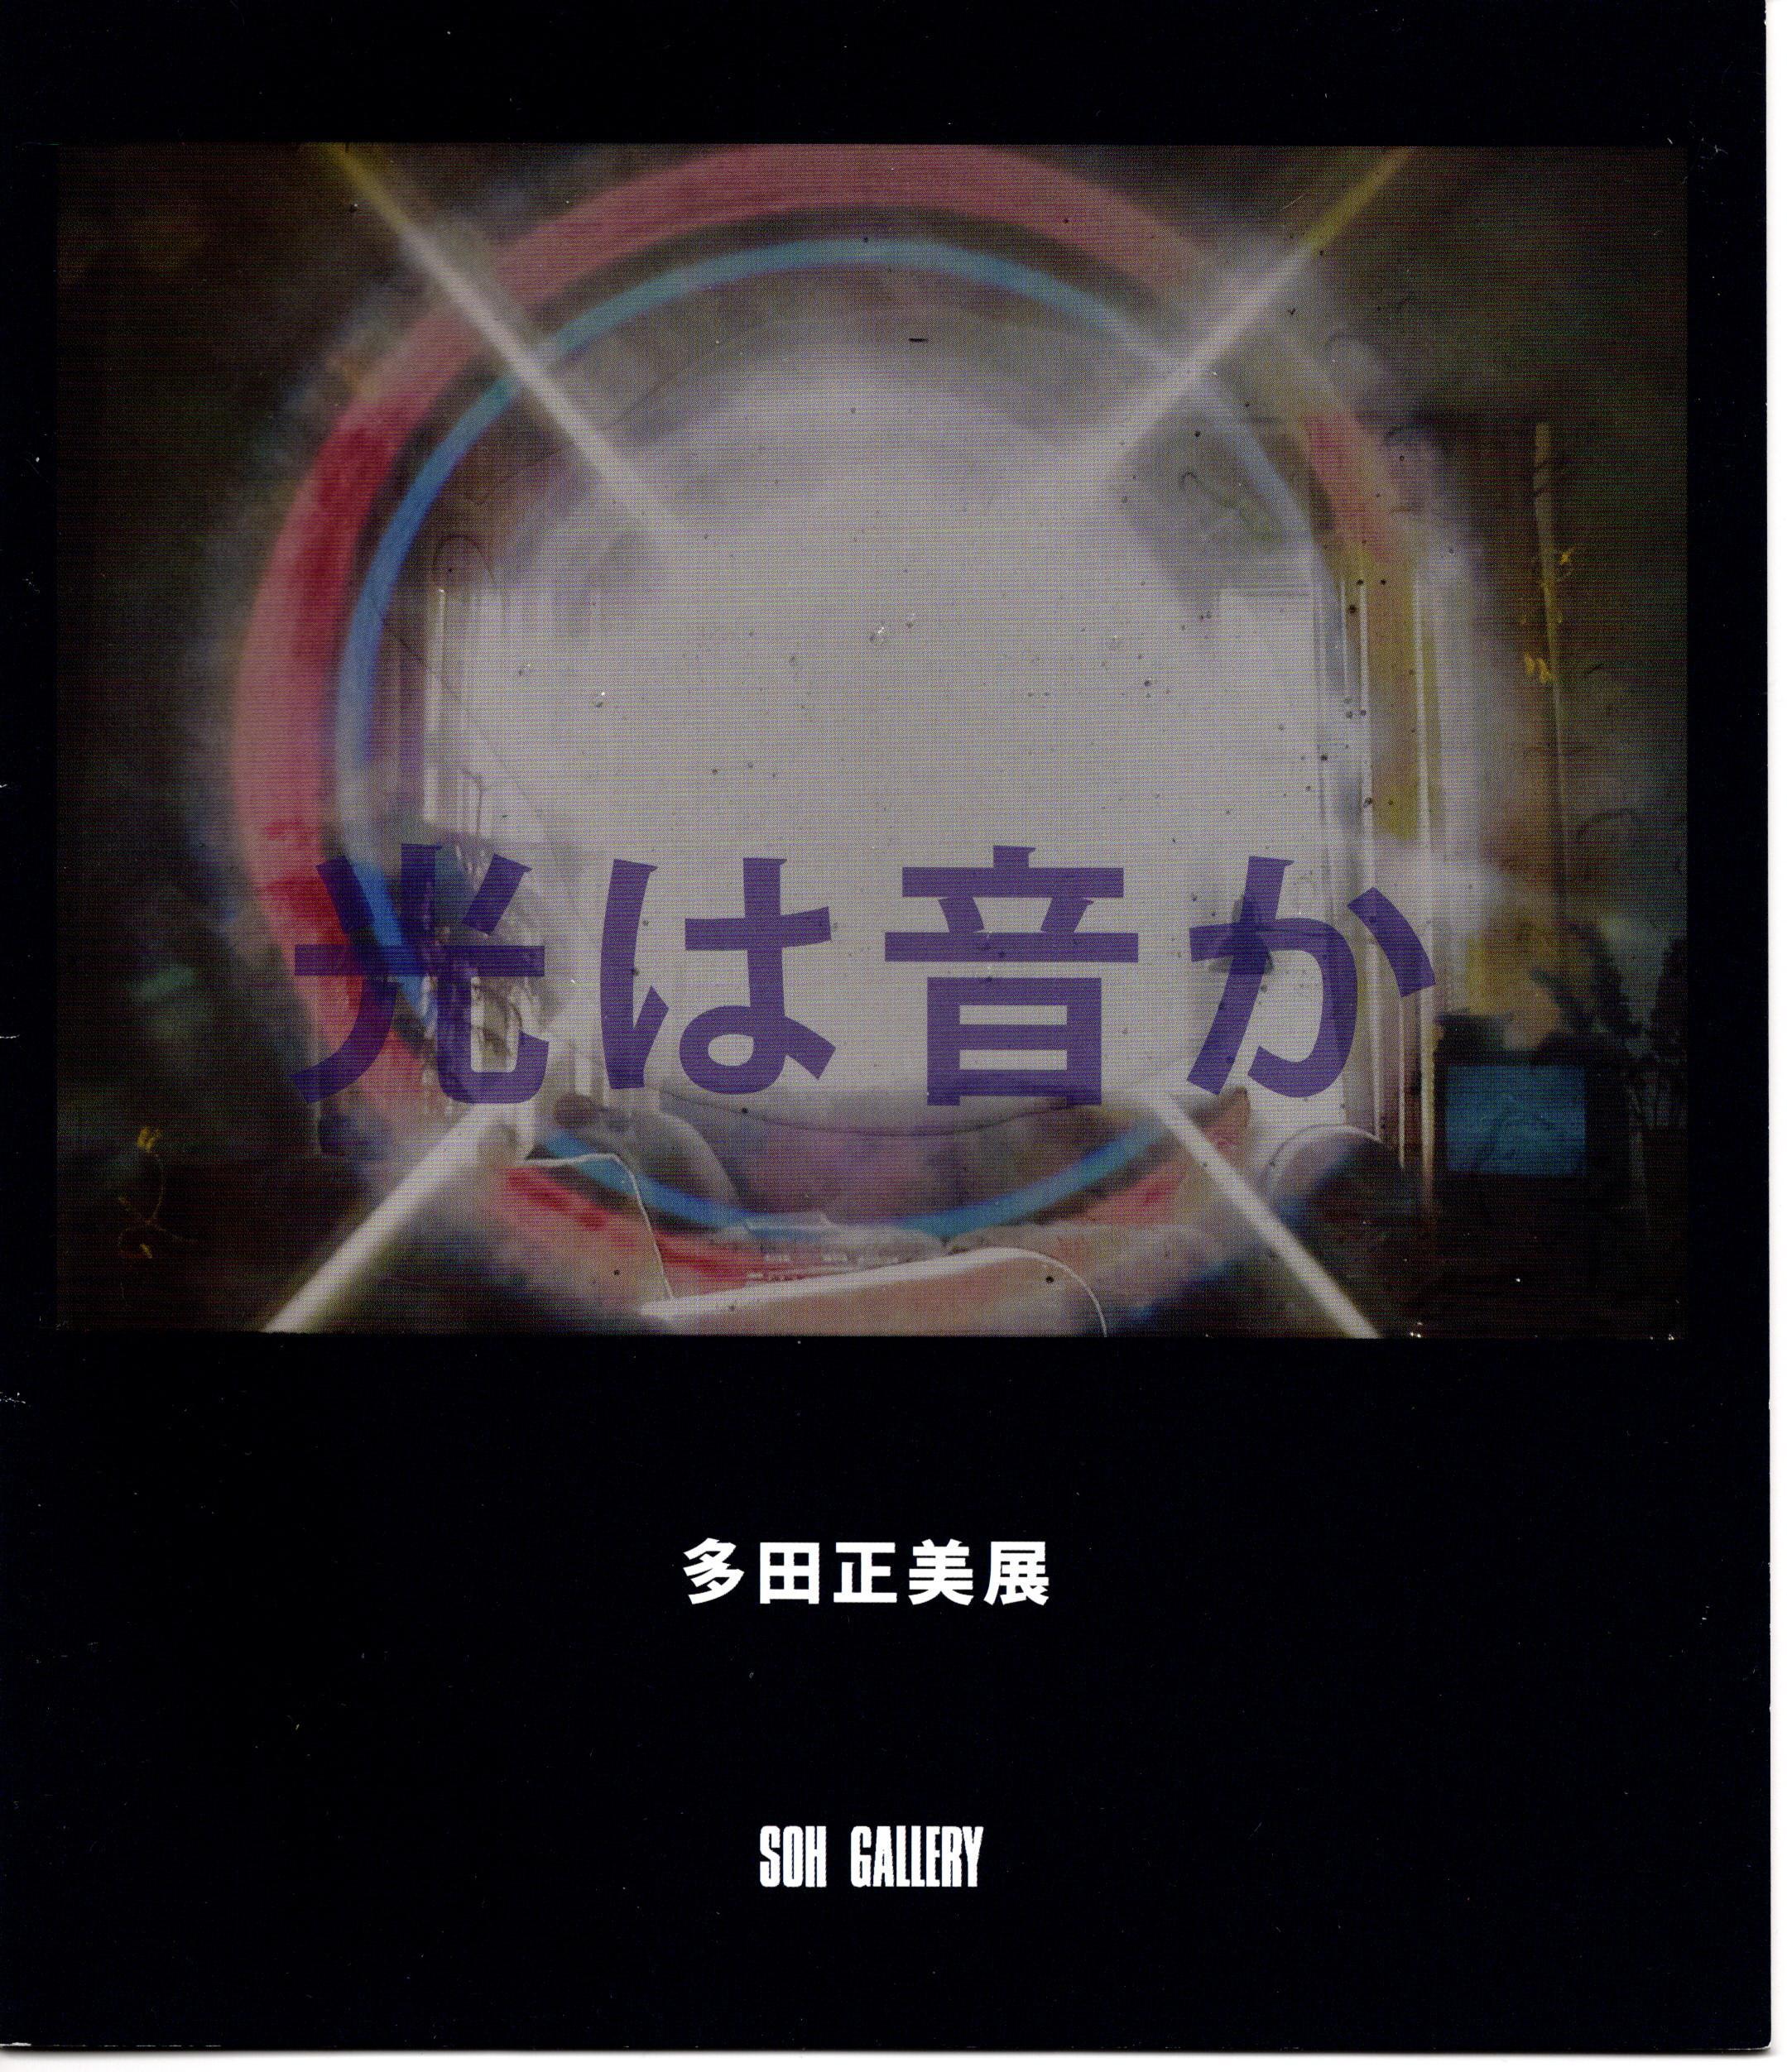 多田正美展 「-光は音か-」